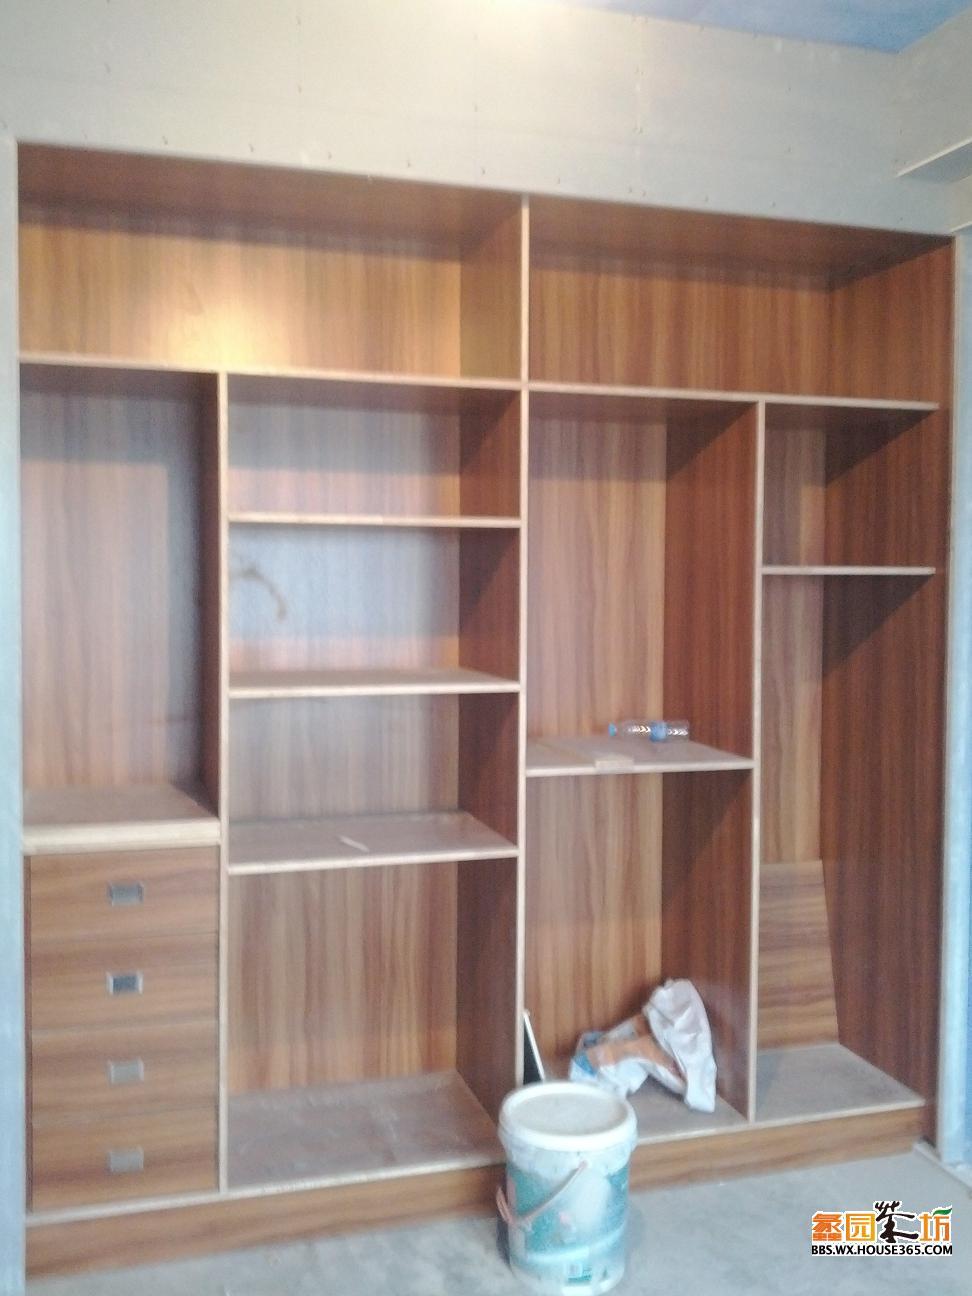 木工做层板书桌效果图大全-书桌层板架造型